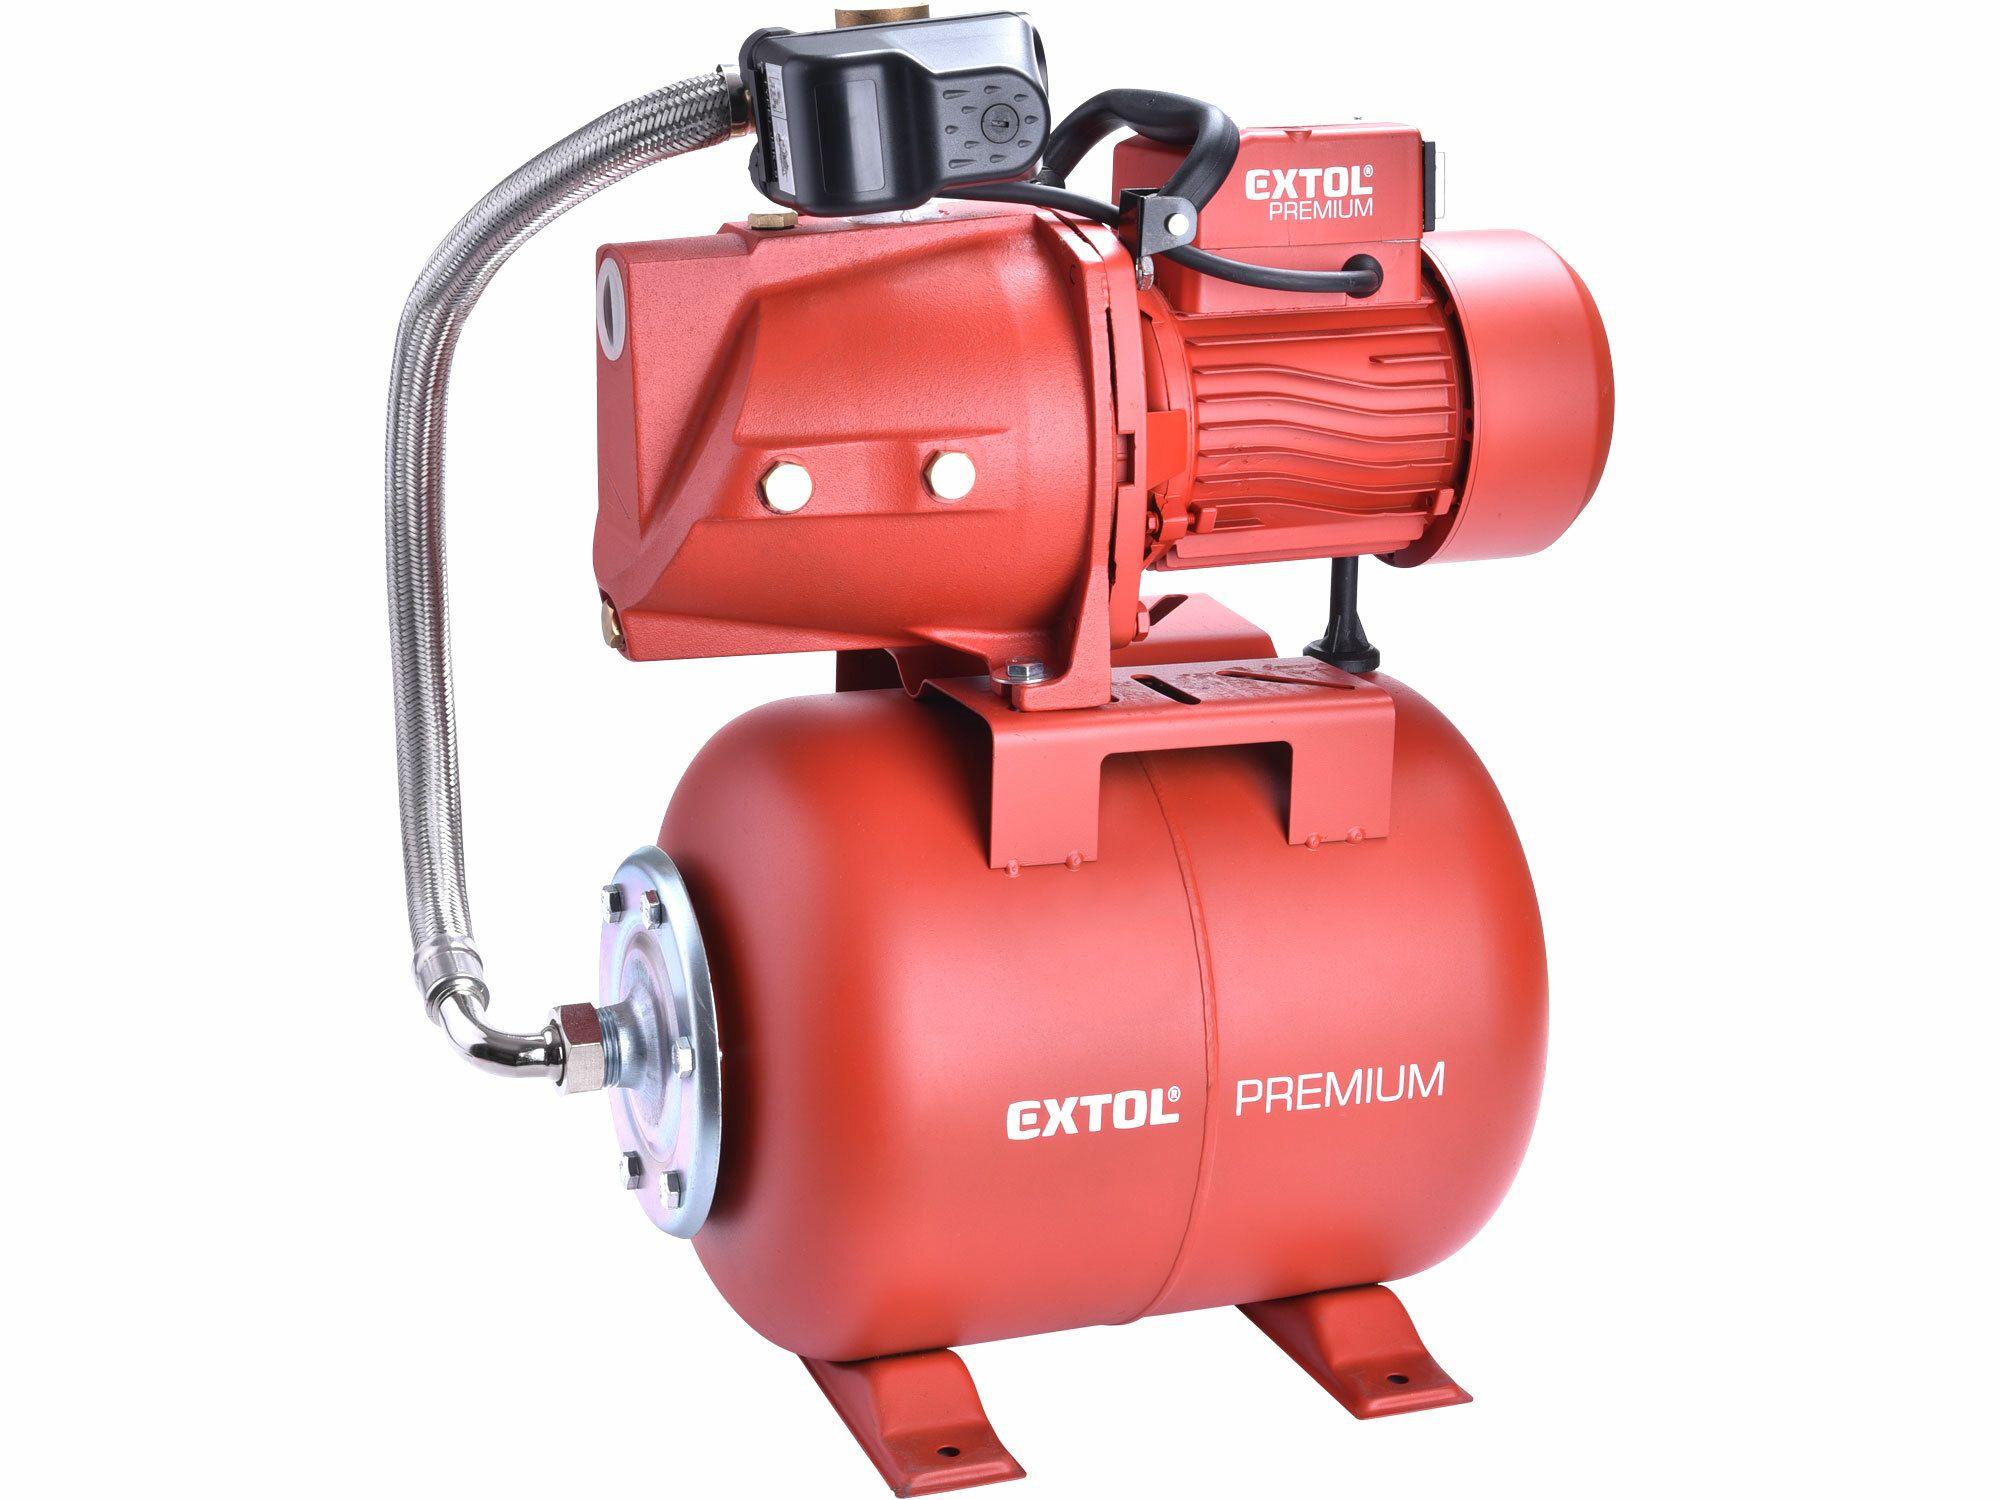 Čerpadlo proudové s tlakovou nádobou, 750W, 5270l/hod, EXTOL PREMIUM, 8895095 EXTOL-PREMIUM